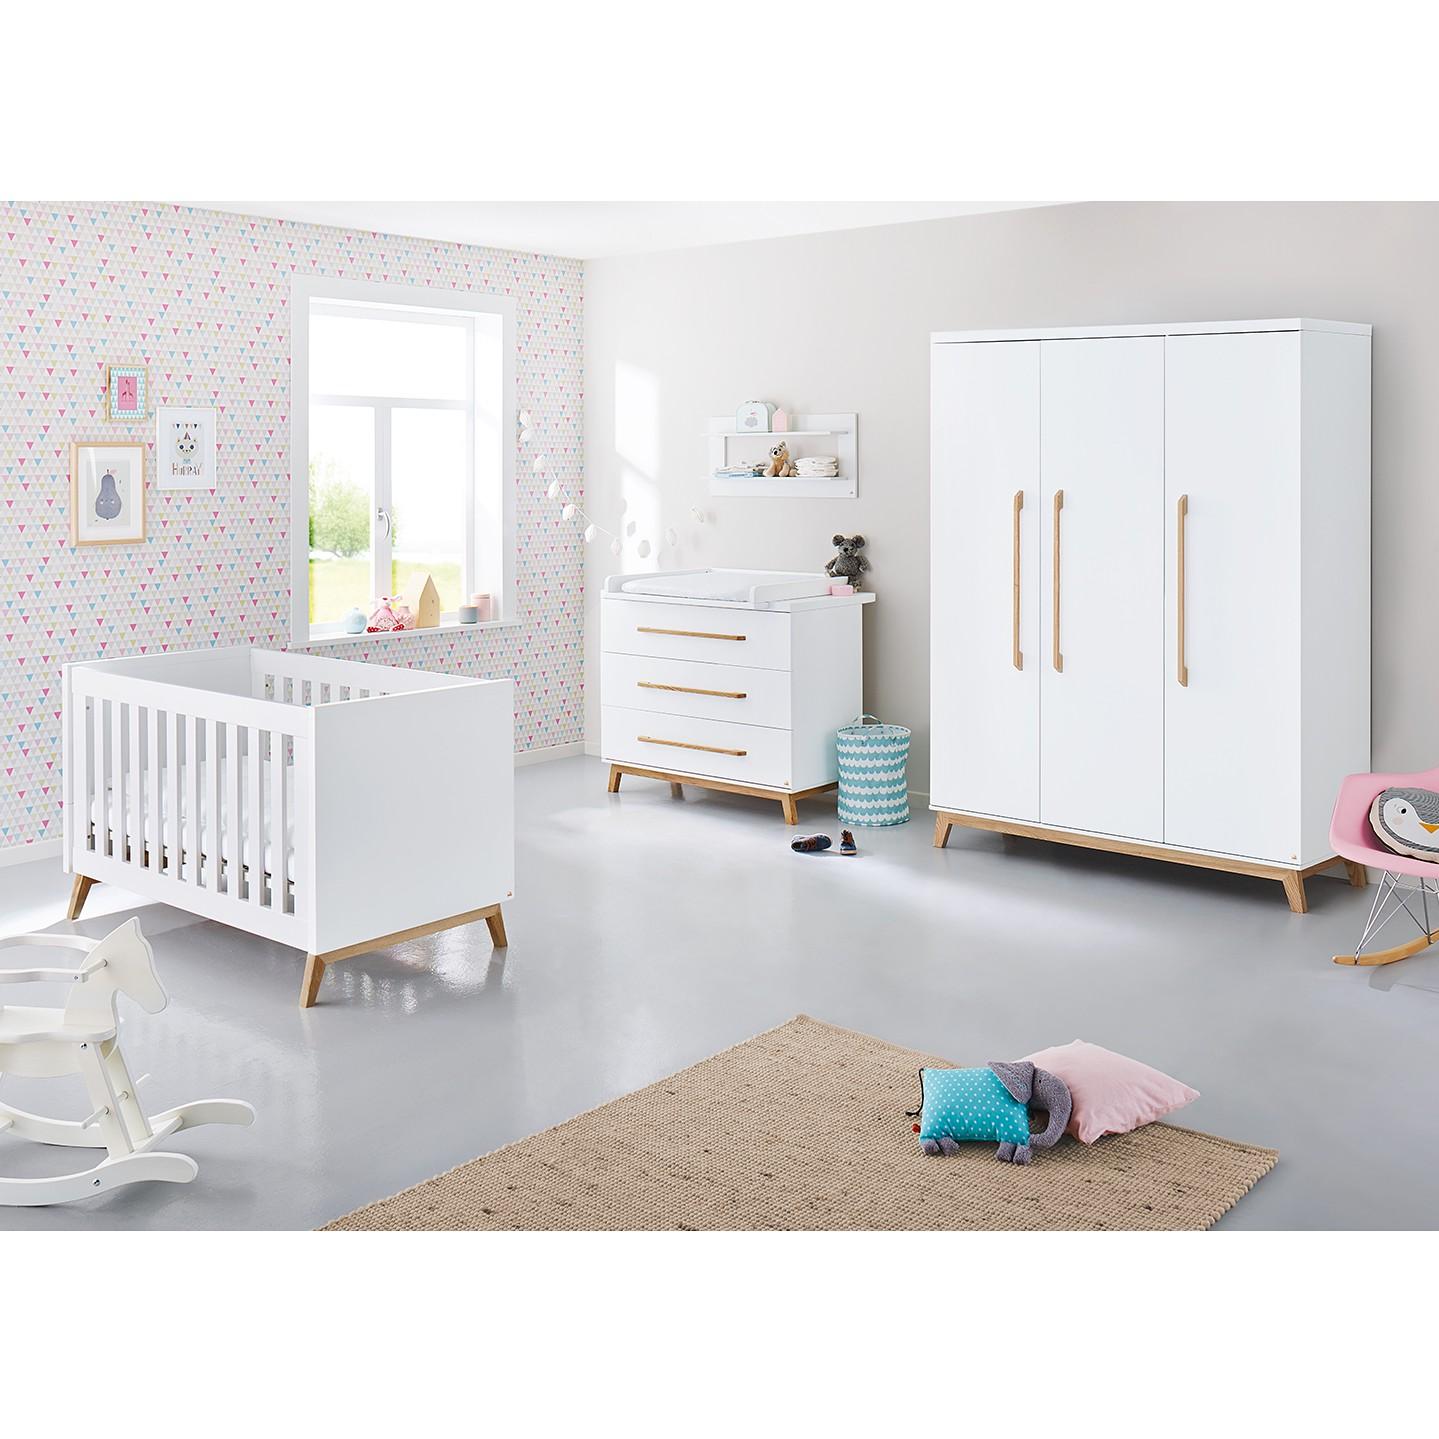 Babyzimmerset Riva I 3-teilig